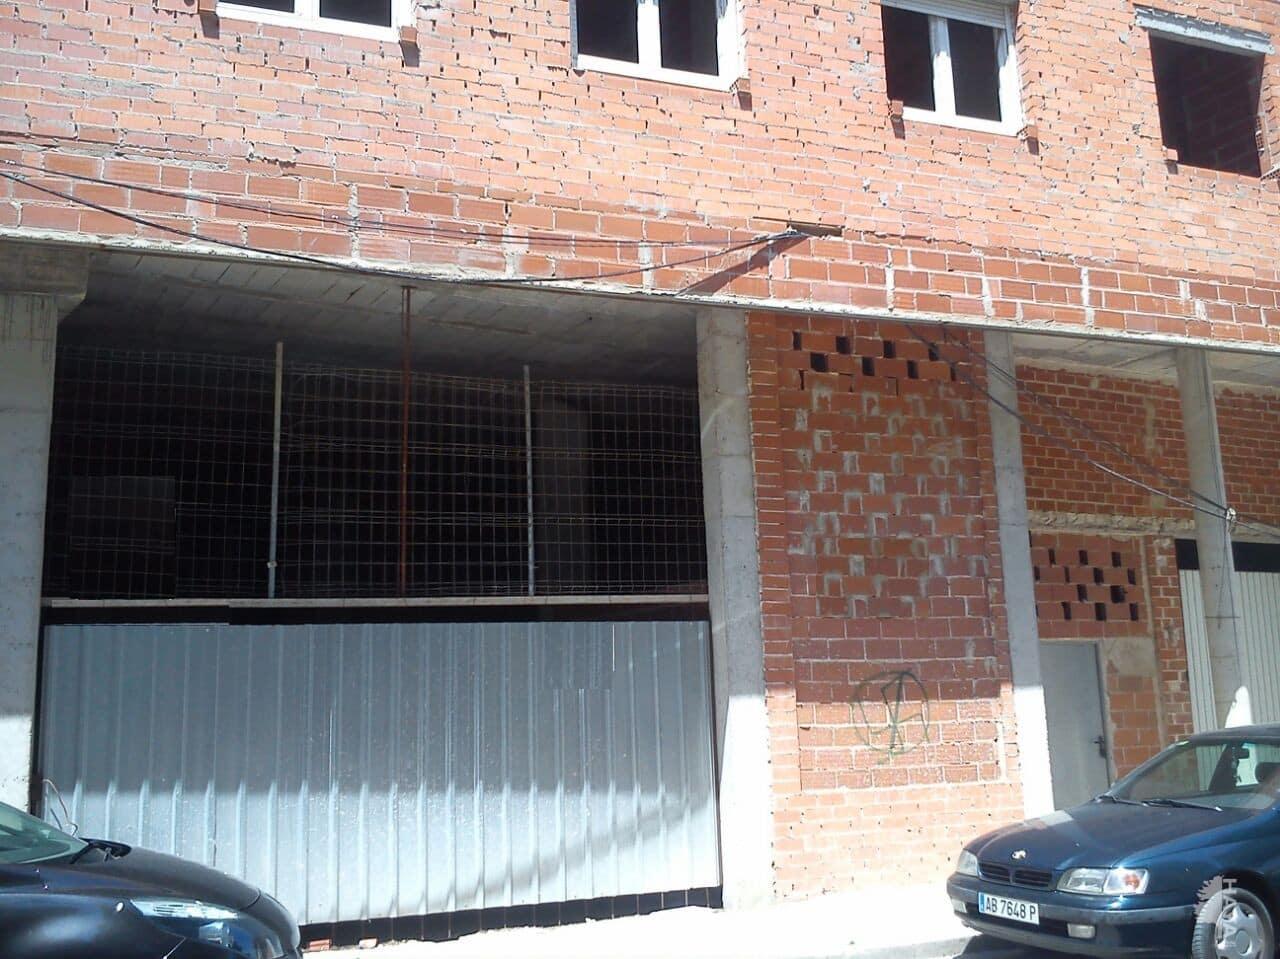 Piso en venta en La Roda, la Roda, Albacete, Calle Juan Garcia Glz, 41.300 €, 1 habitación, 1 baño, 95 m2